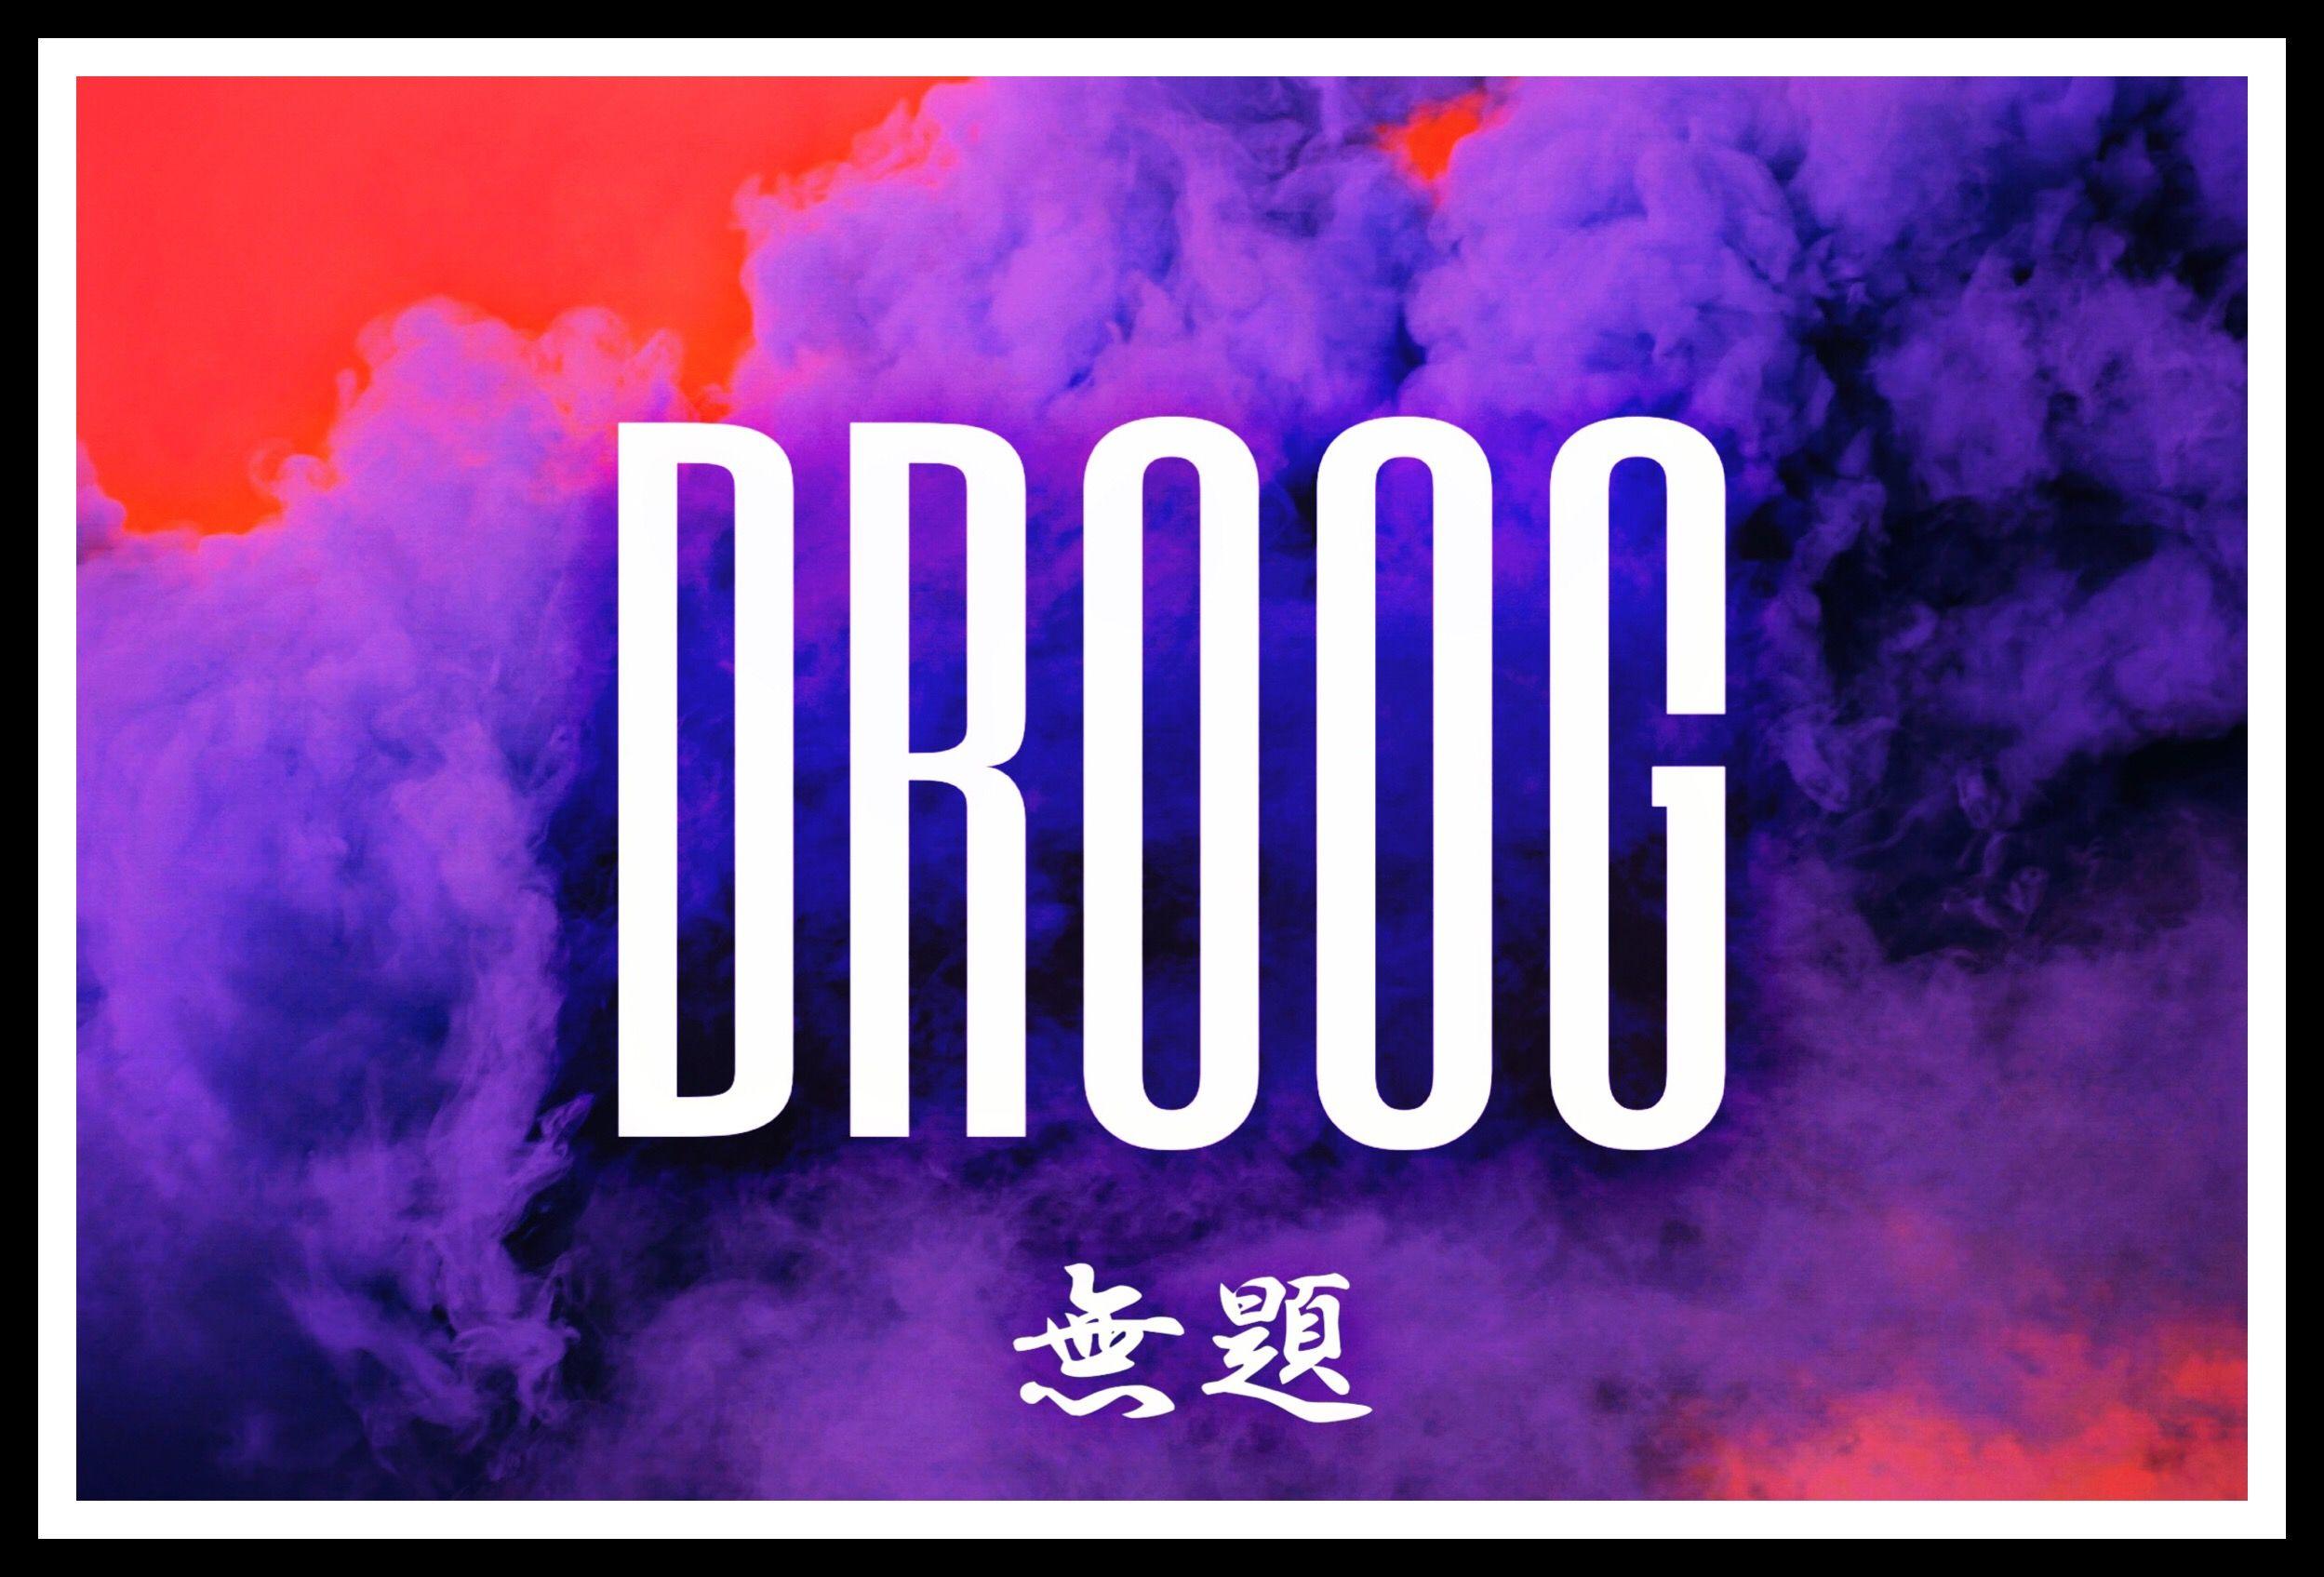 DROOG